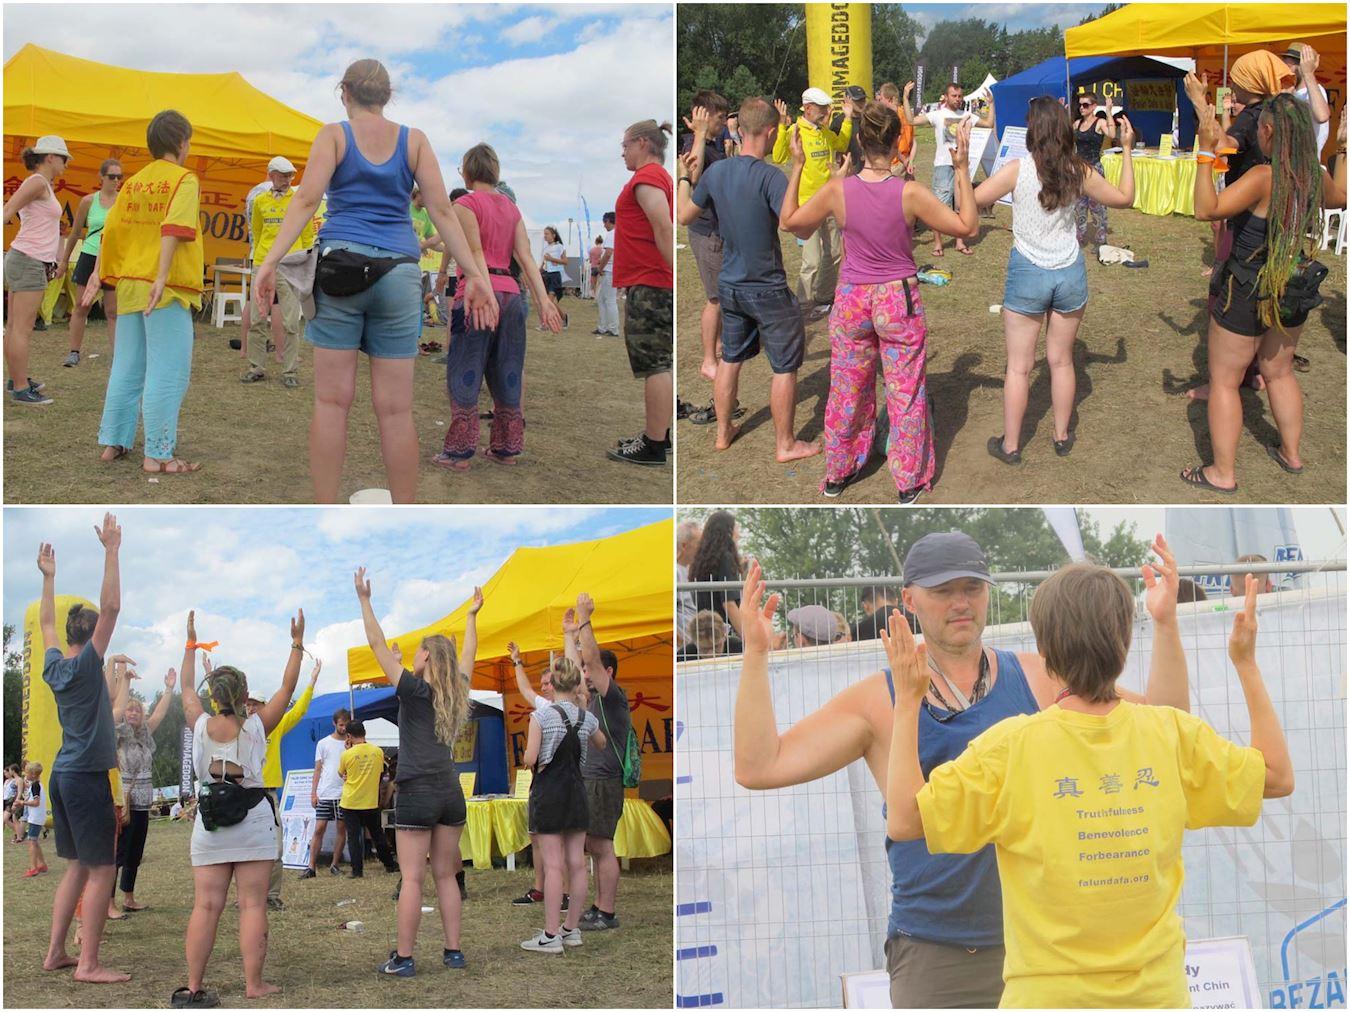 波蘭伍德斯托克音樂藝術節(Przystanek Woodstock)是每年在波蘭奧得河畔科斯琴市(Kostrzyna)舉辦的歐洲最大的露天音樂節,參加者多來自波蘭和歐洲的年輕人及專業藝術團體,人數每年都多達二三十萬。2017年8月3日至5日,歐洲部分法輪功學員在音樂節上設立法輪功真相展位,受到歡迎。不少人現場學煉法輪功,有的甚至連續三天前來煉功,有的留下地址要求訂購《轉法輪》。(明慧網)